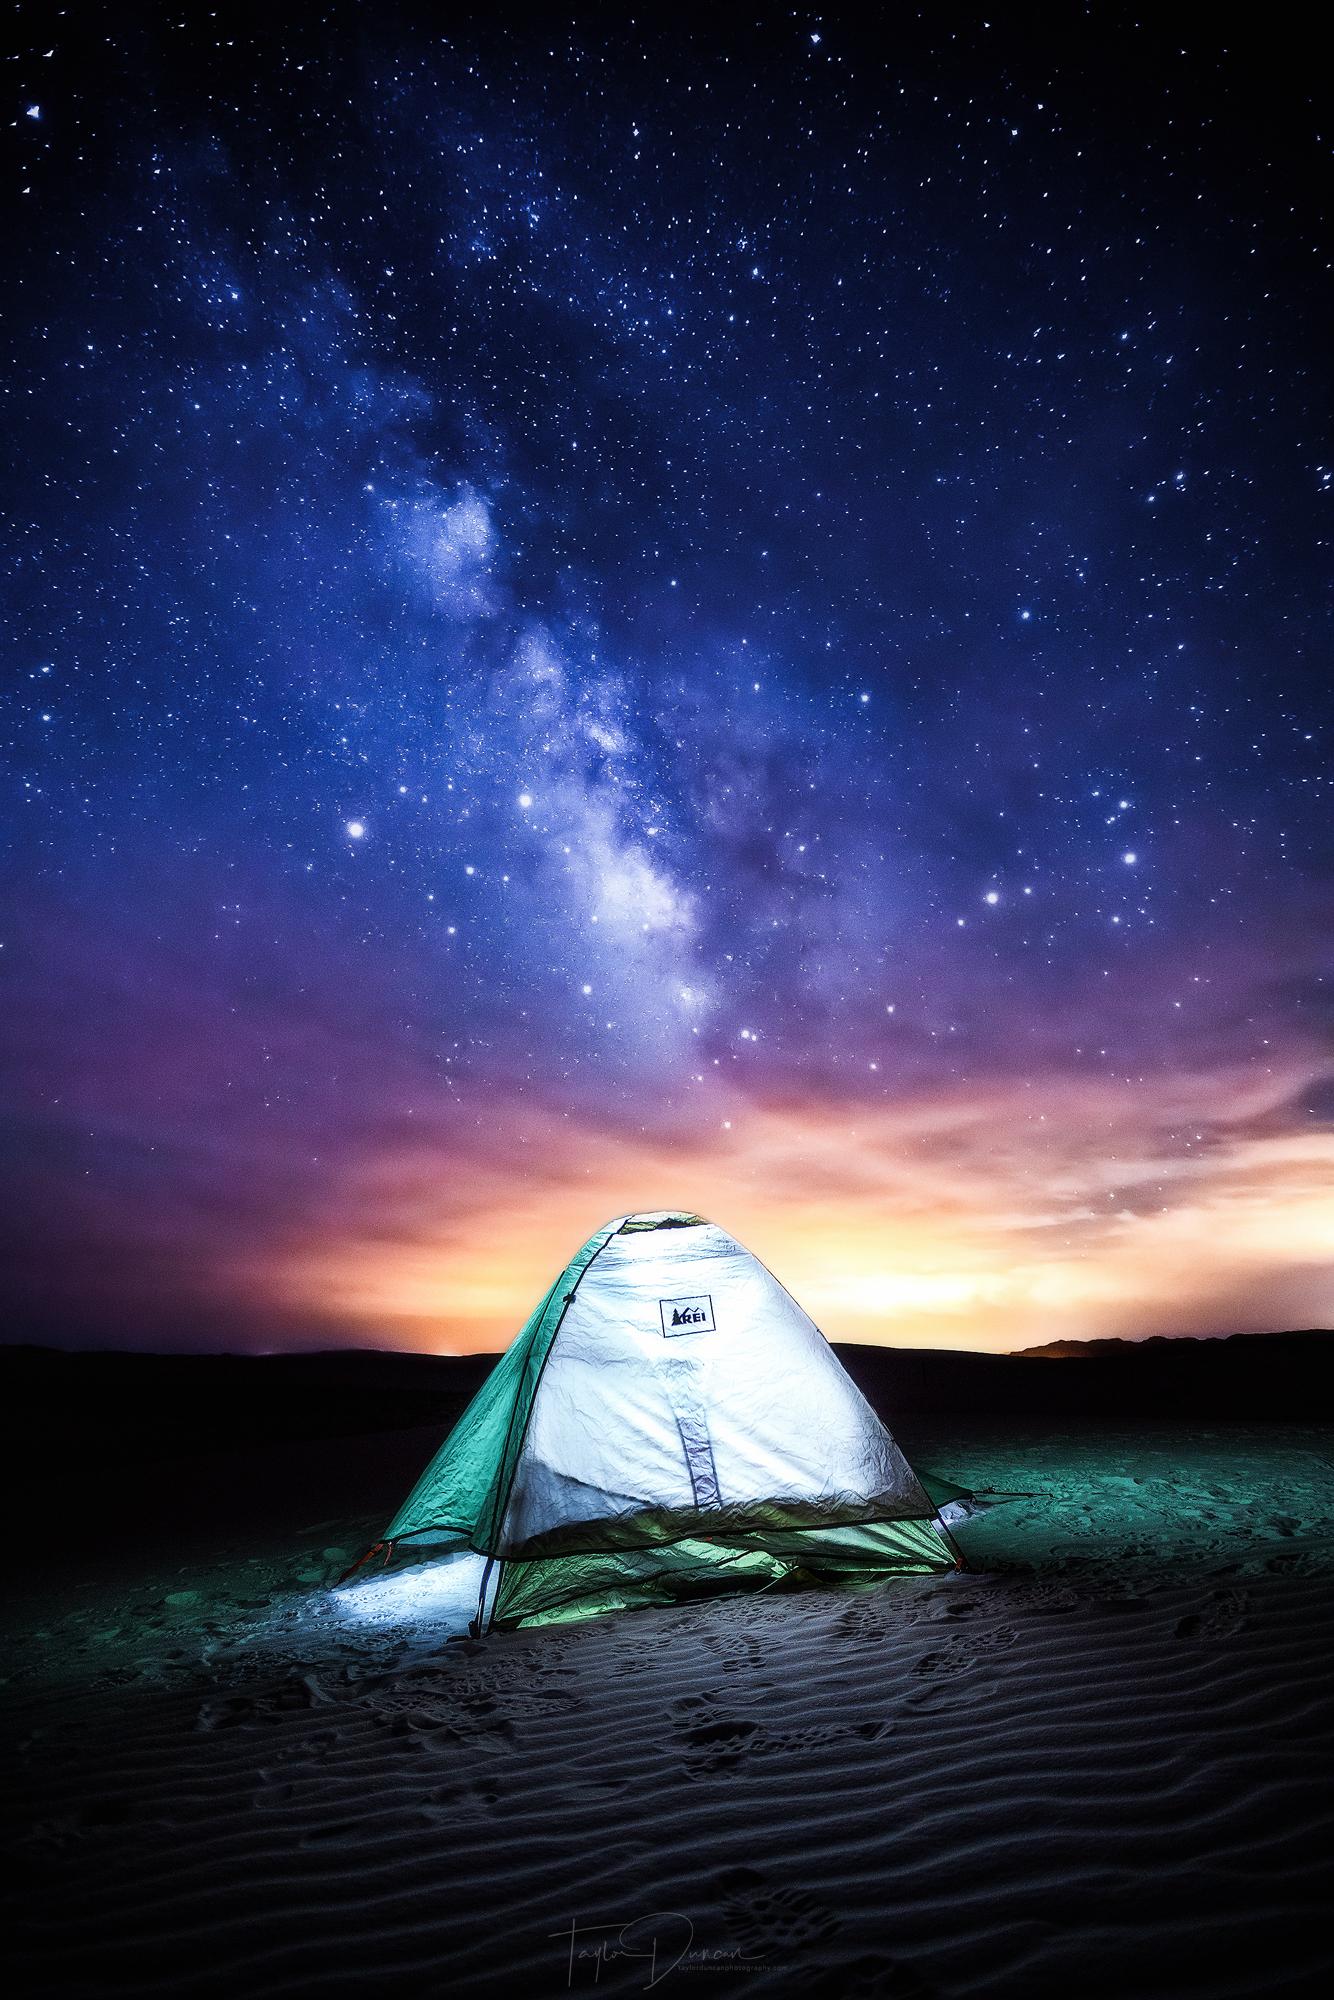 The stars were so bright!